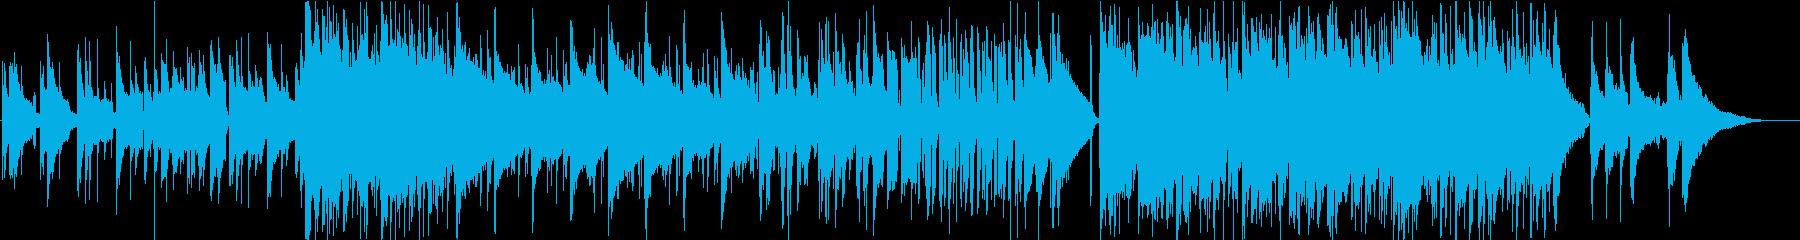 映像】爽やか、少し哀愁あるアコギのBGMの再生済みの波形